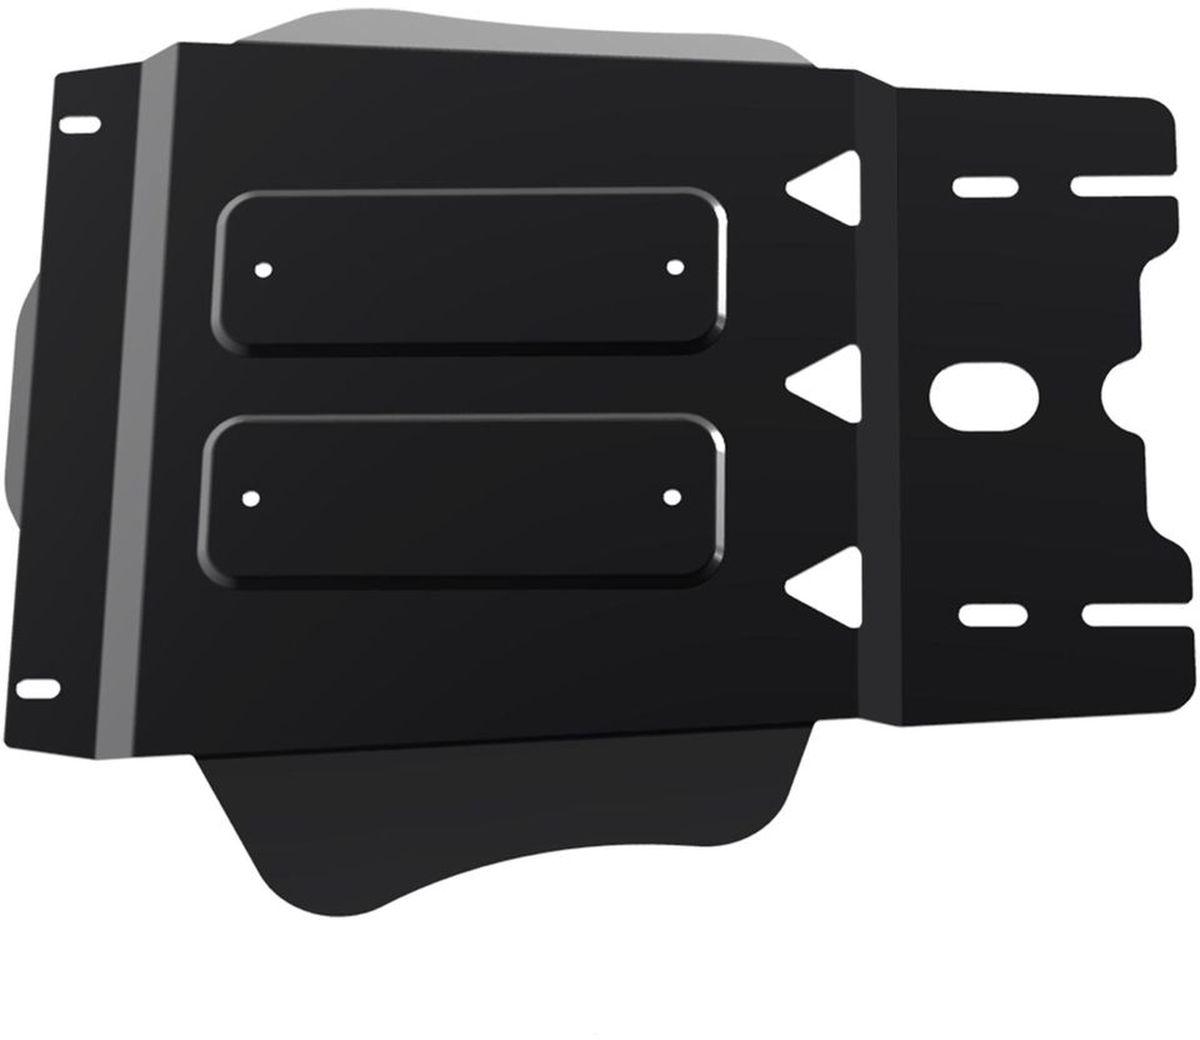 Защита КПП Автоброня Hyundai H1 2007-, сталь 2 мм111.02335.1Защита КПП Автоброня Hyundai H1 2007-, сталь 2 мм, комплект крепежа, 111.02335.1Дополнительно можно приобрести другие защитные элементы из комплекта: защита радиатора и картера - 111.02334.1, защита КПП ч.2 - 111.02336.1Стальные защиты Автоброня надежно защищают ваш автомобиль от повреждений при наезде на бордюры, выступающие канализационные люки, кромки поврежденного асфальта или при ремонте дорог, не говоря уже о загородных дорогах.- Имеют оптимальное соотношение цена-качество.- Спроектированы с учетом особенностей автомобиля, что делает установку удобной.- Защита устанавливается в штатные места кузова автомобиля.- Является надежной защитой для важных элементов на протяжении долгих лет.- Глубокий штамп дополнительно усиливает конструкцию защиты.- Подштамповка в местах крепления защищает крепеж от срезания.- Технологические отверстия там, где они необходимы для смены масла и слива воды, оборудованные заглушками, закрепленными на защите.Толщина стали 2 мм.В комплекте крепеж и инструкция по установке.Уважаемые клиенты!Обращаем ваше внимание на тот факт, что защита имеет форму, соответствующую модели данного автомобиля. Наличие глубокого штампа и лючков для смены фильтров/масла предусмотрено не на всех защитах. Фото служит для визуального восприятия товара.